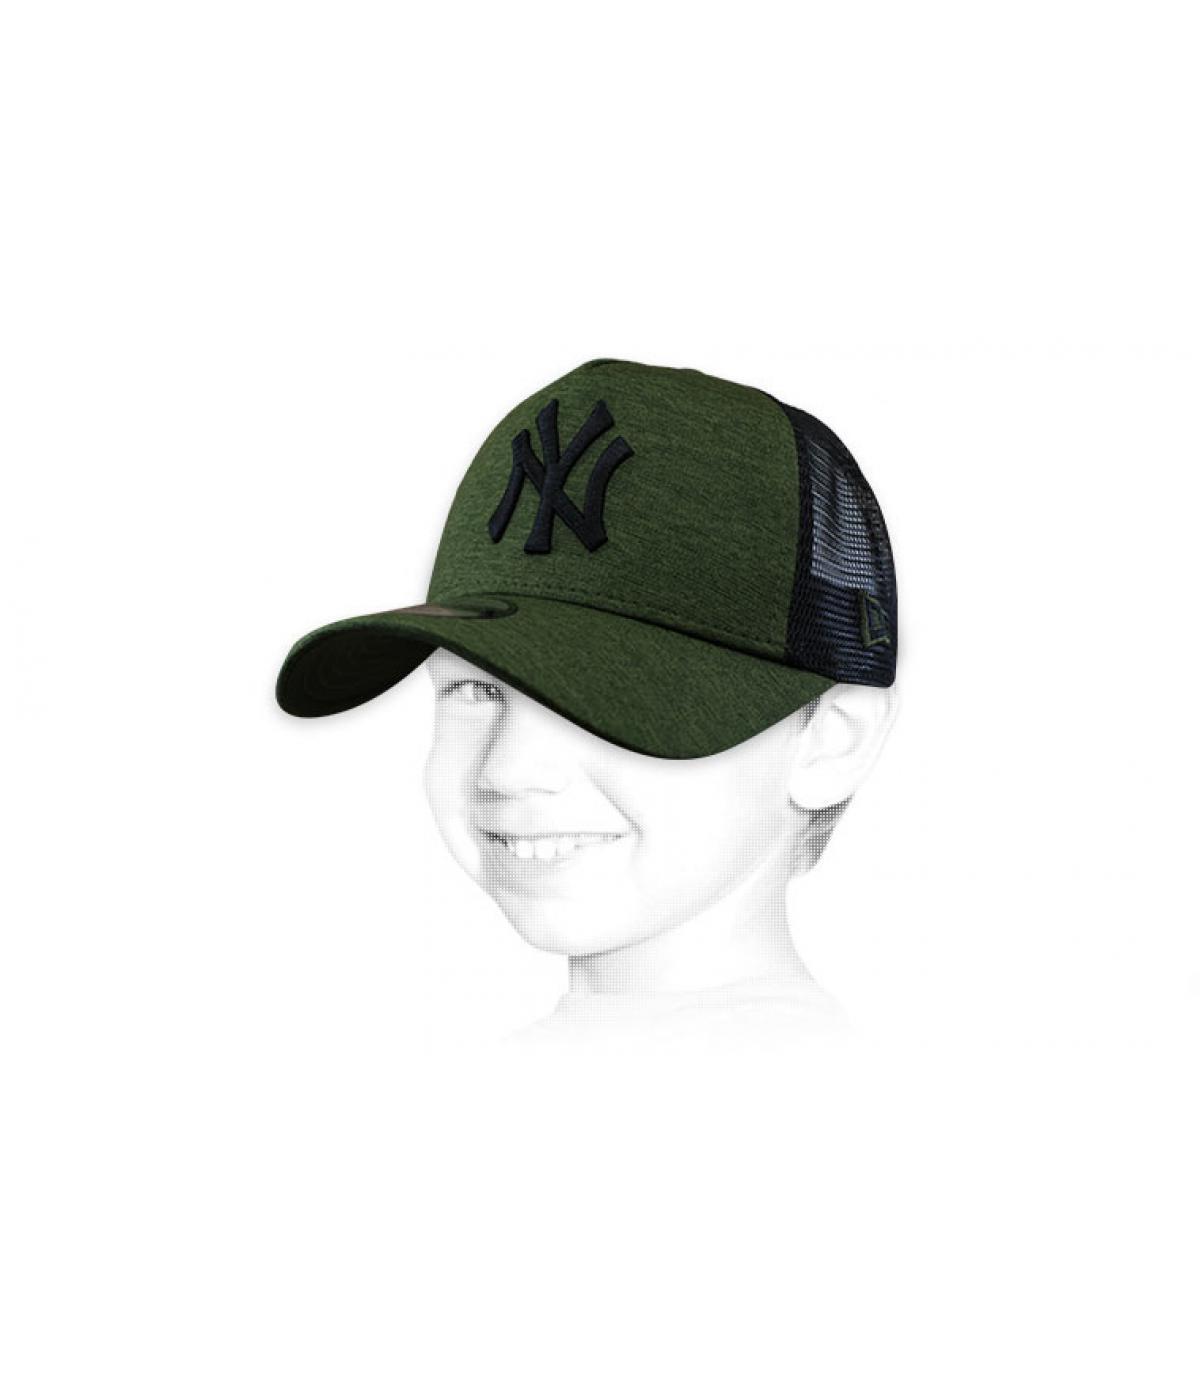 NY groene trucker